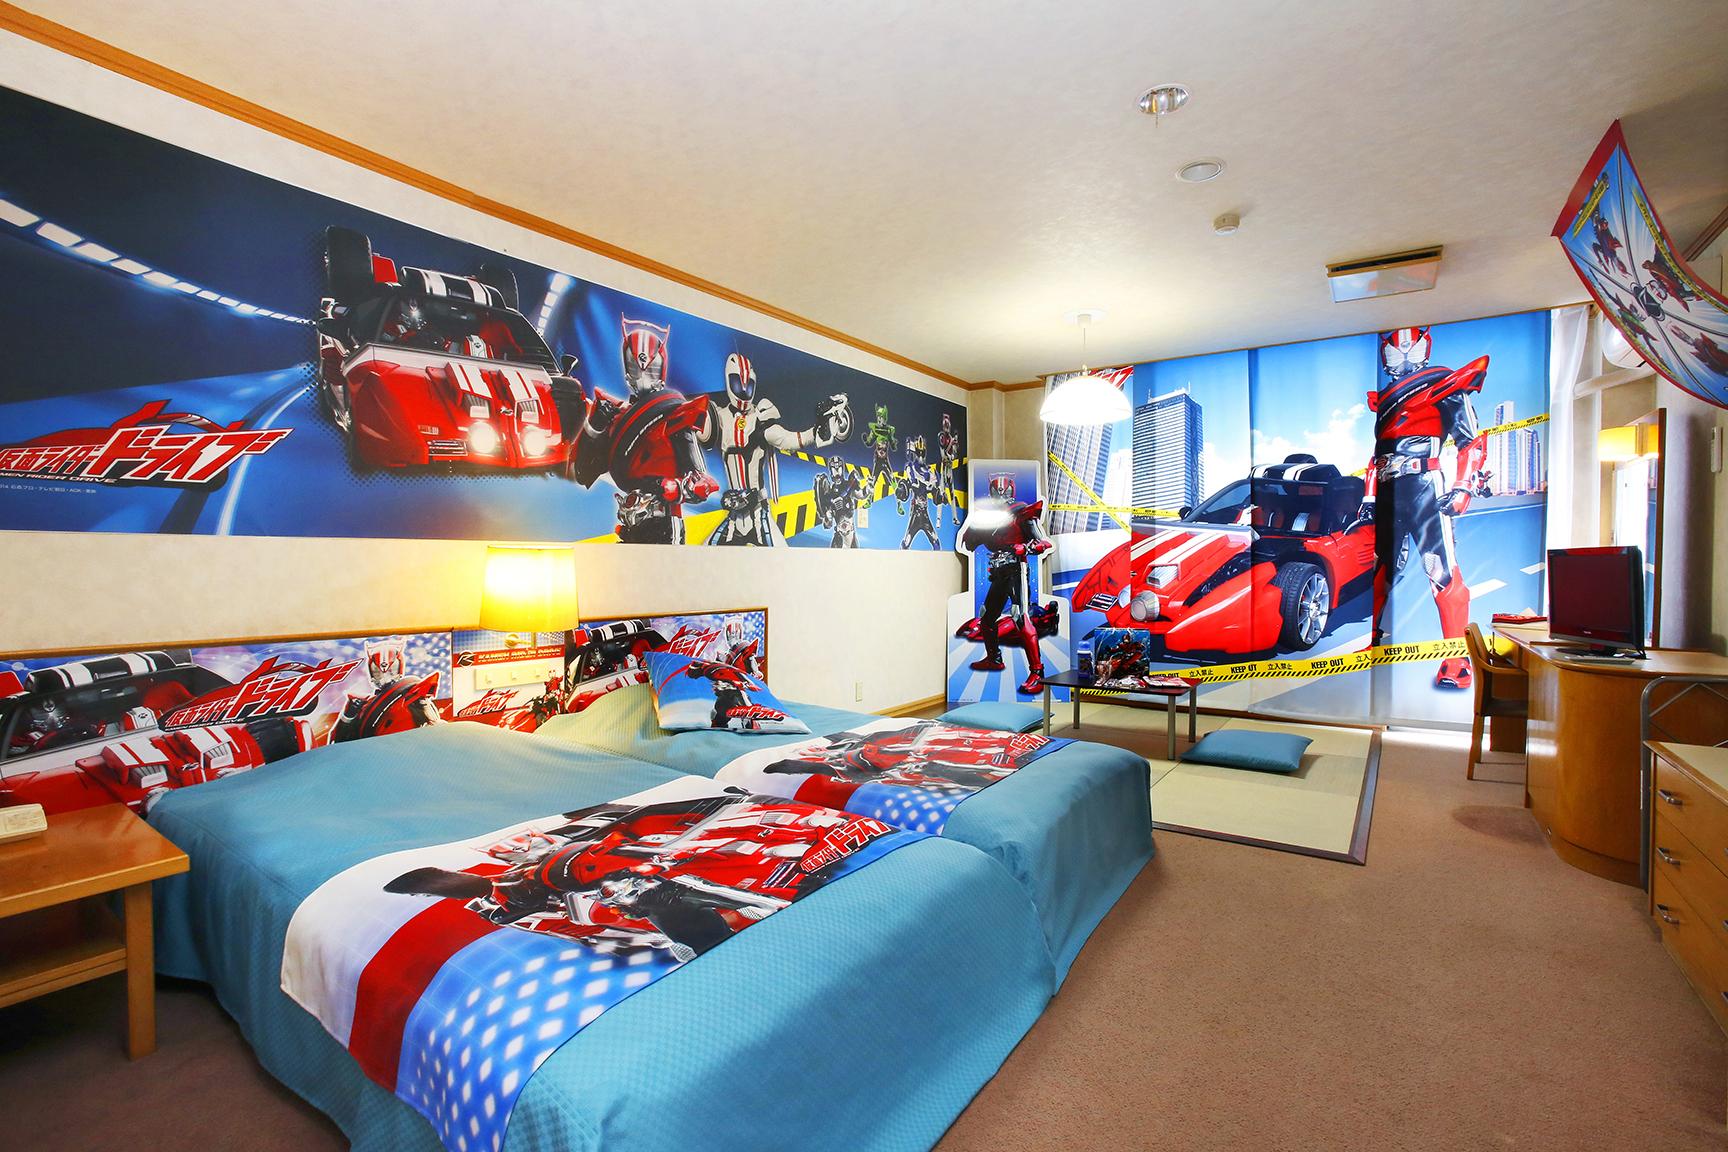 池の平ホテルの 仮面ライダードライブ宿泊プラン 2015年3月から